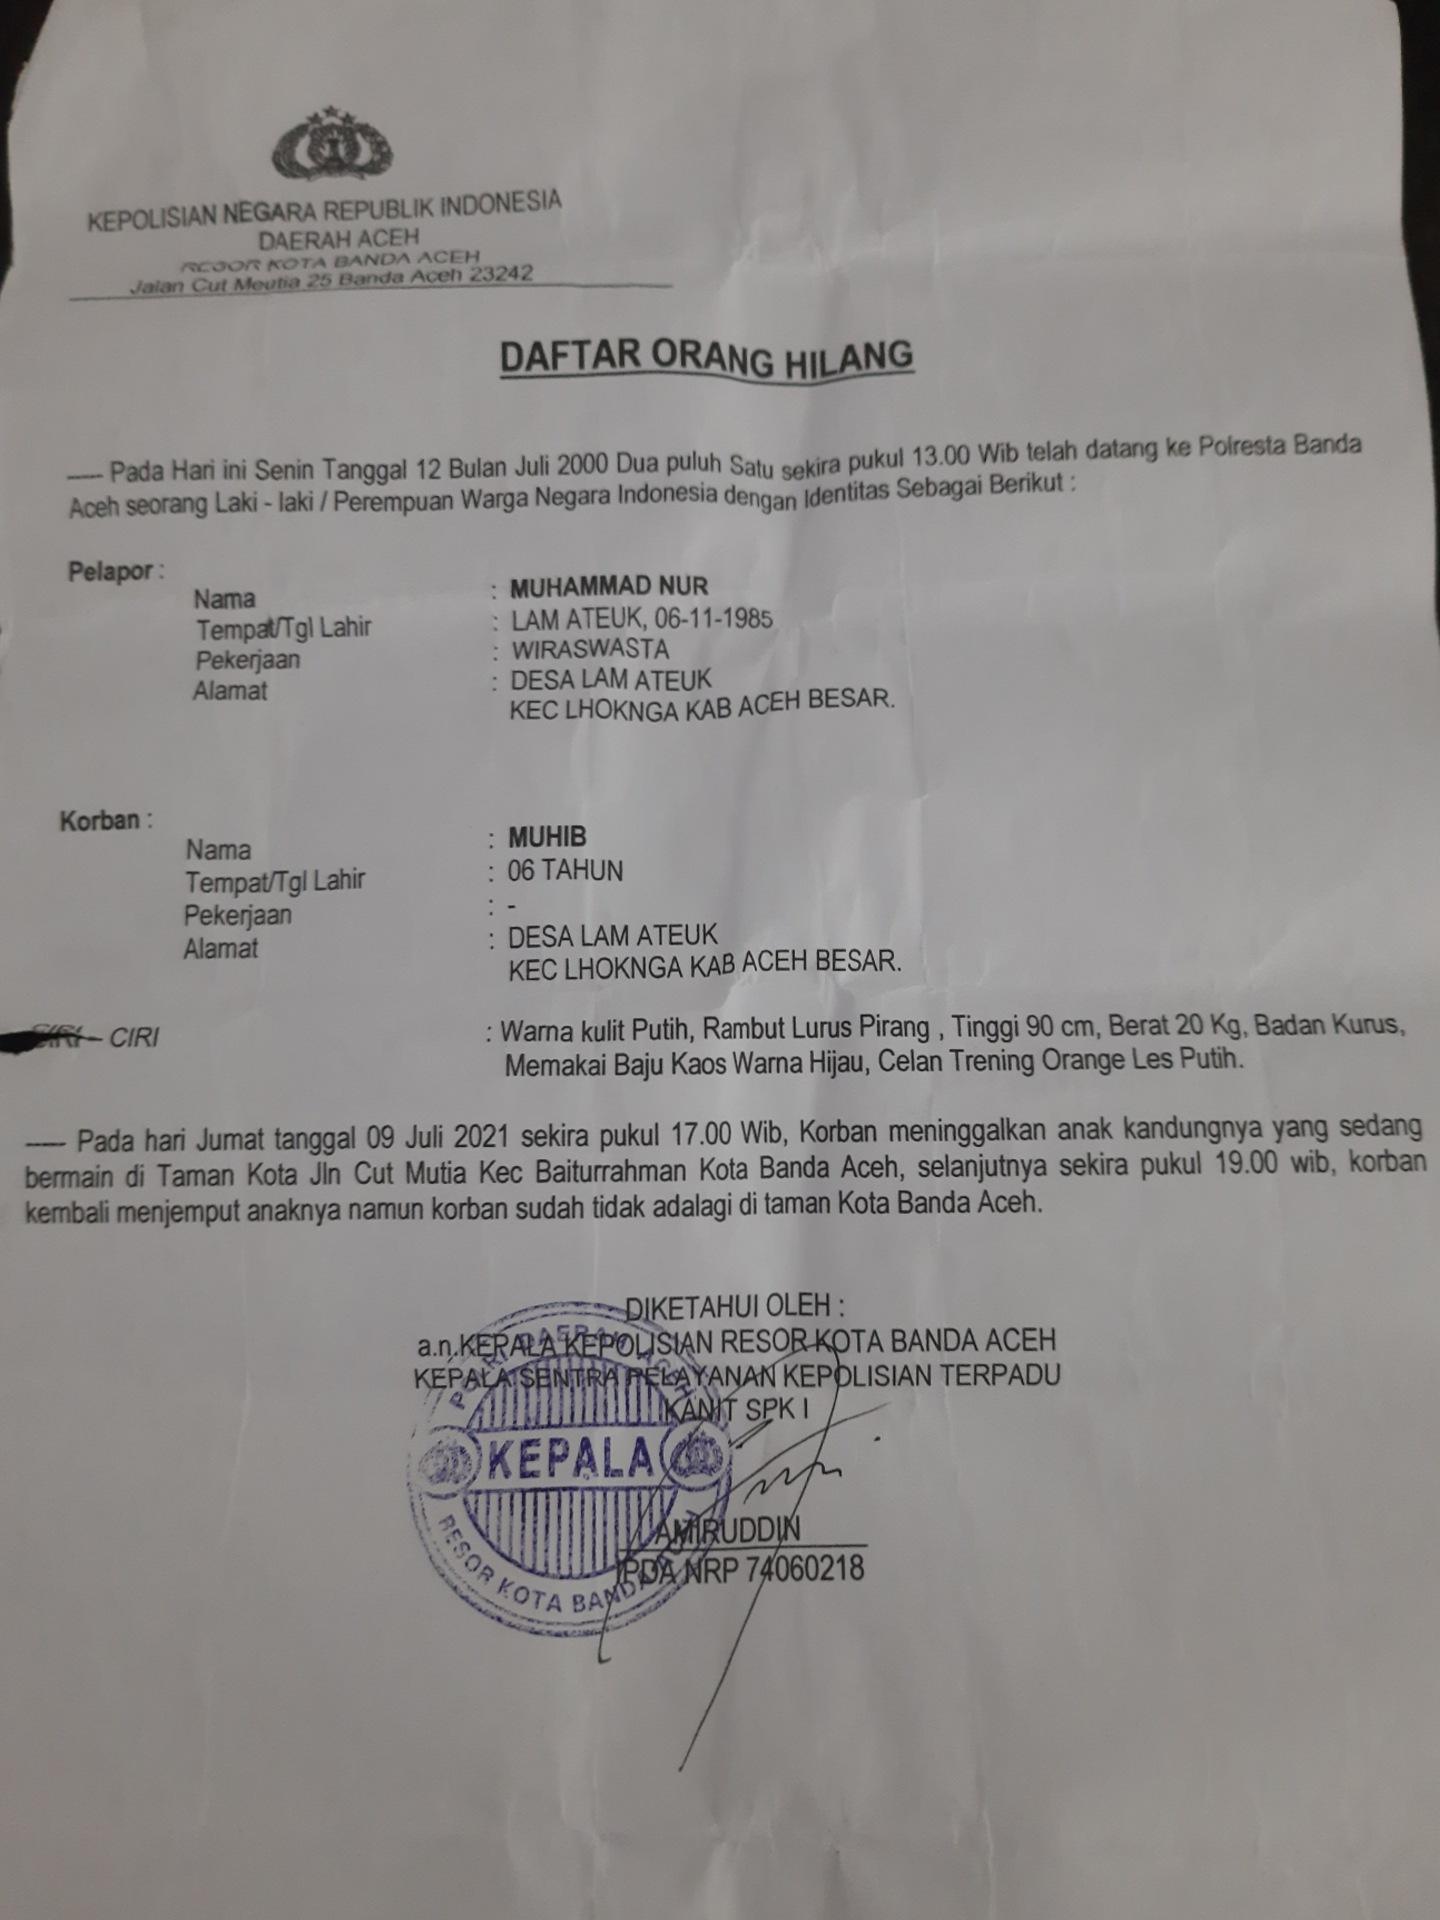 Ayah korban telah membuat laporan daftar orang hilang ke Mapolresta Banda Aceh pada 12 Juli 2021.